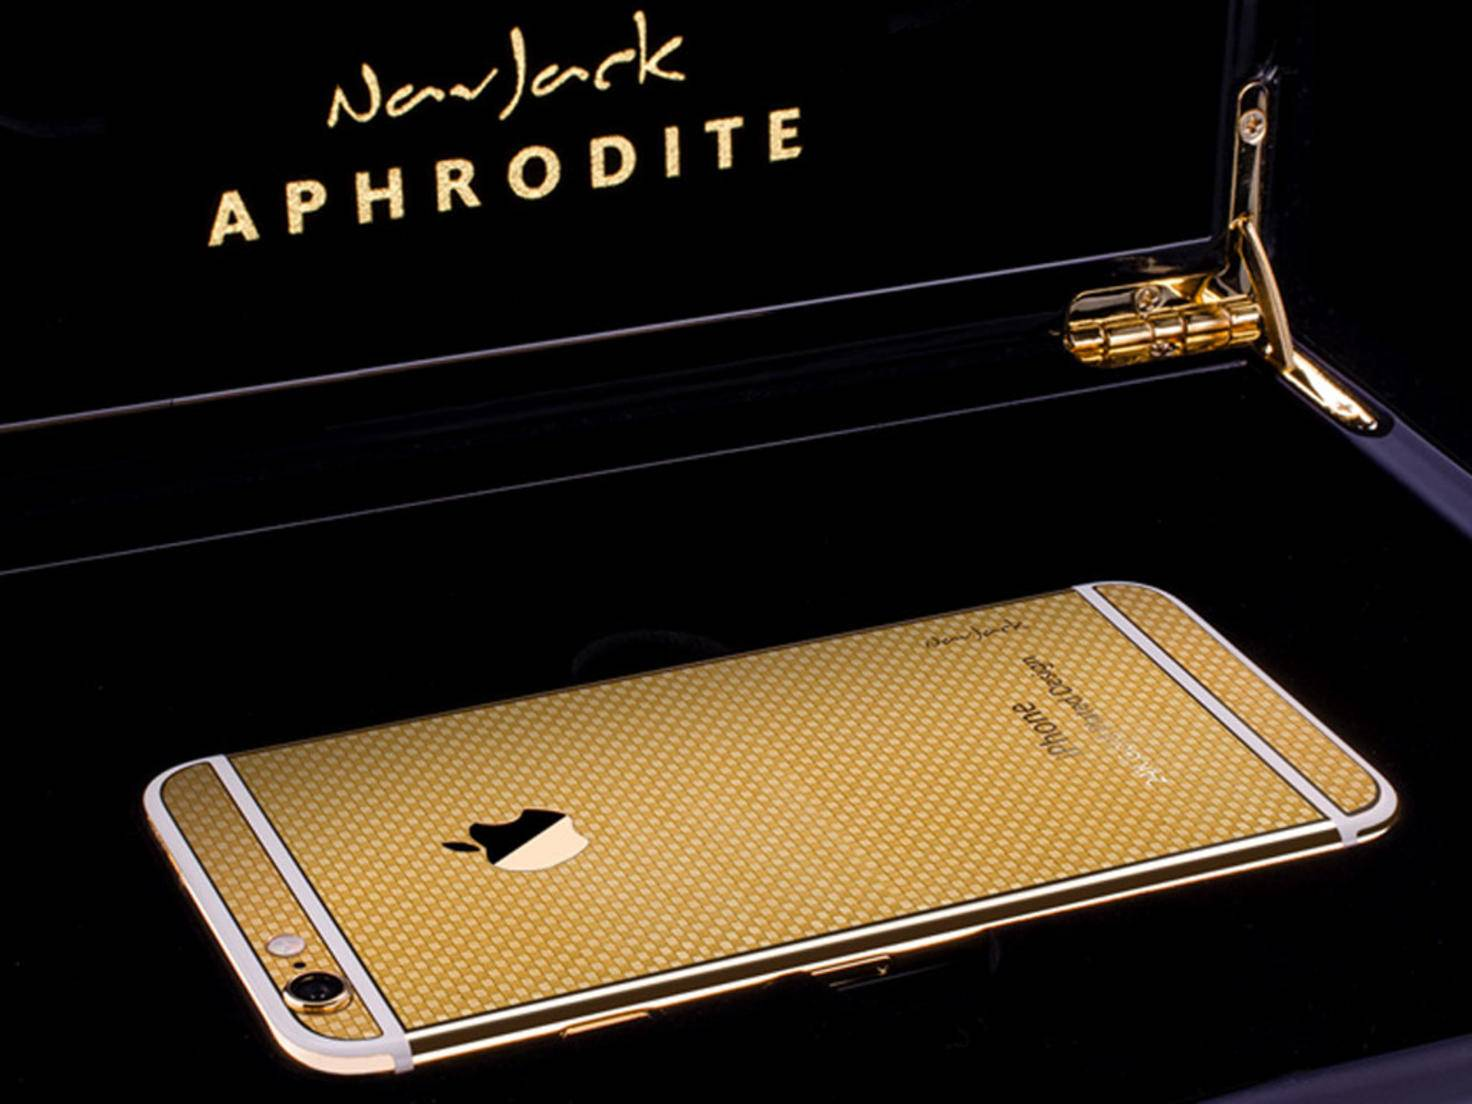 Navjack Aphrodite